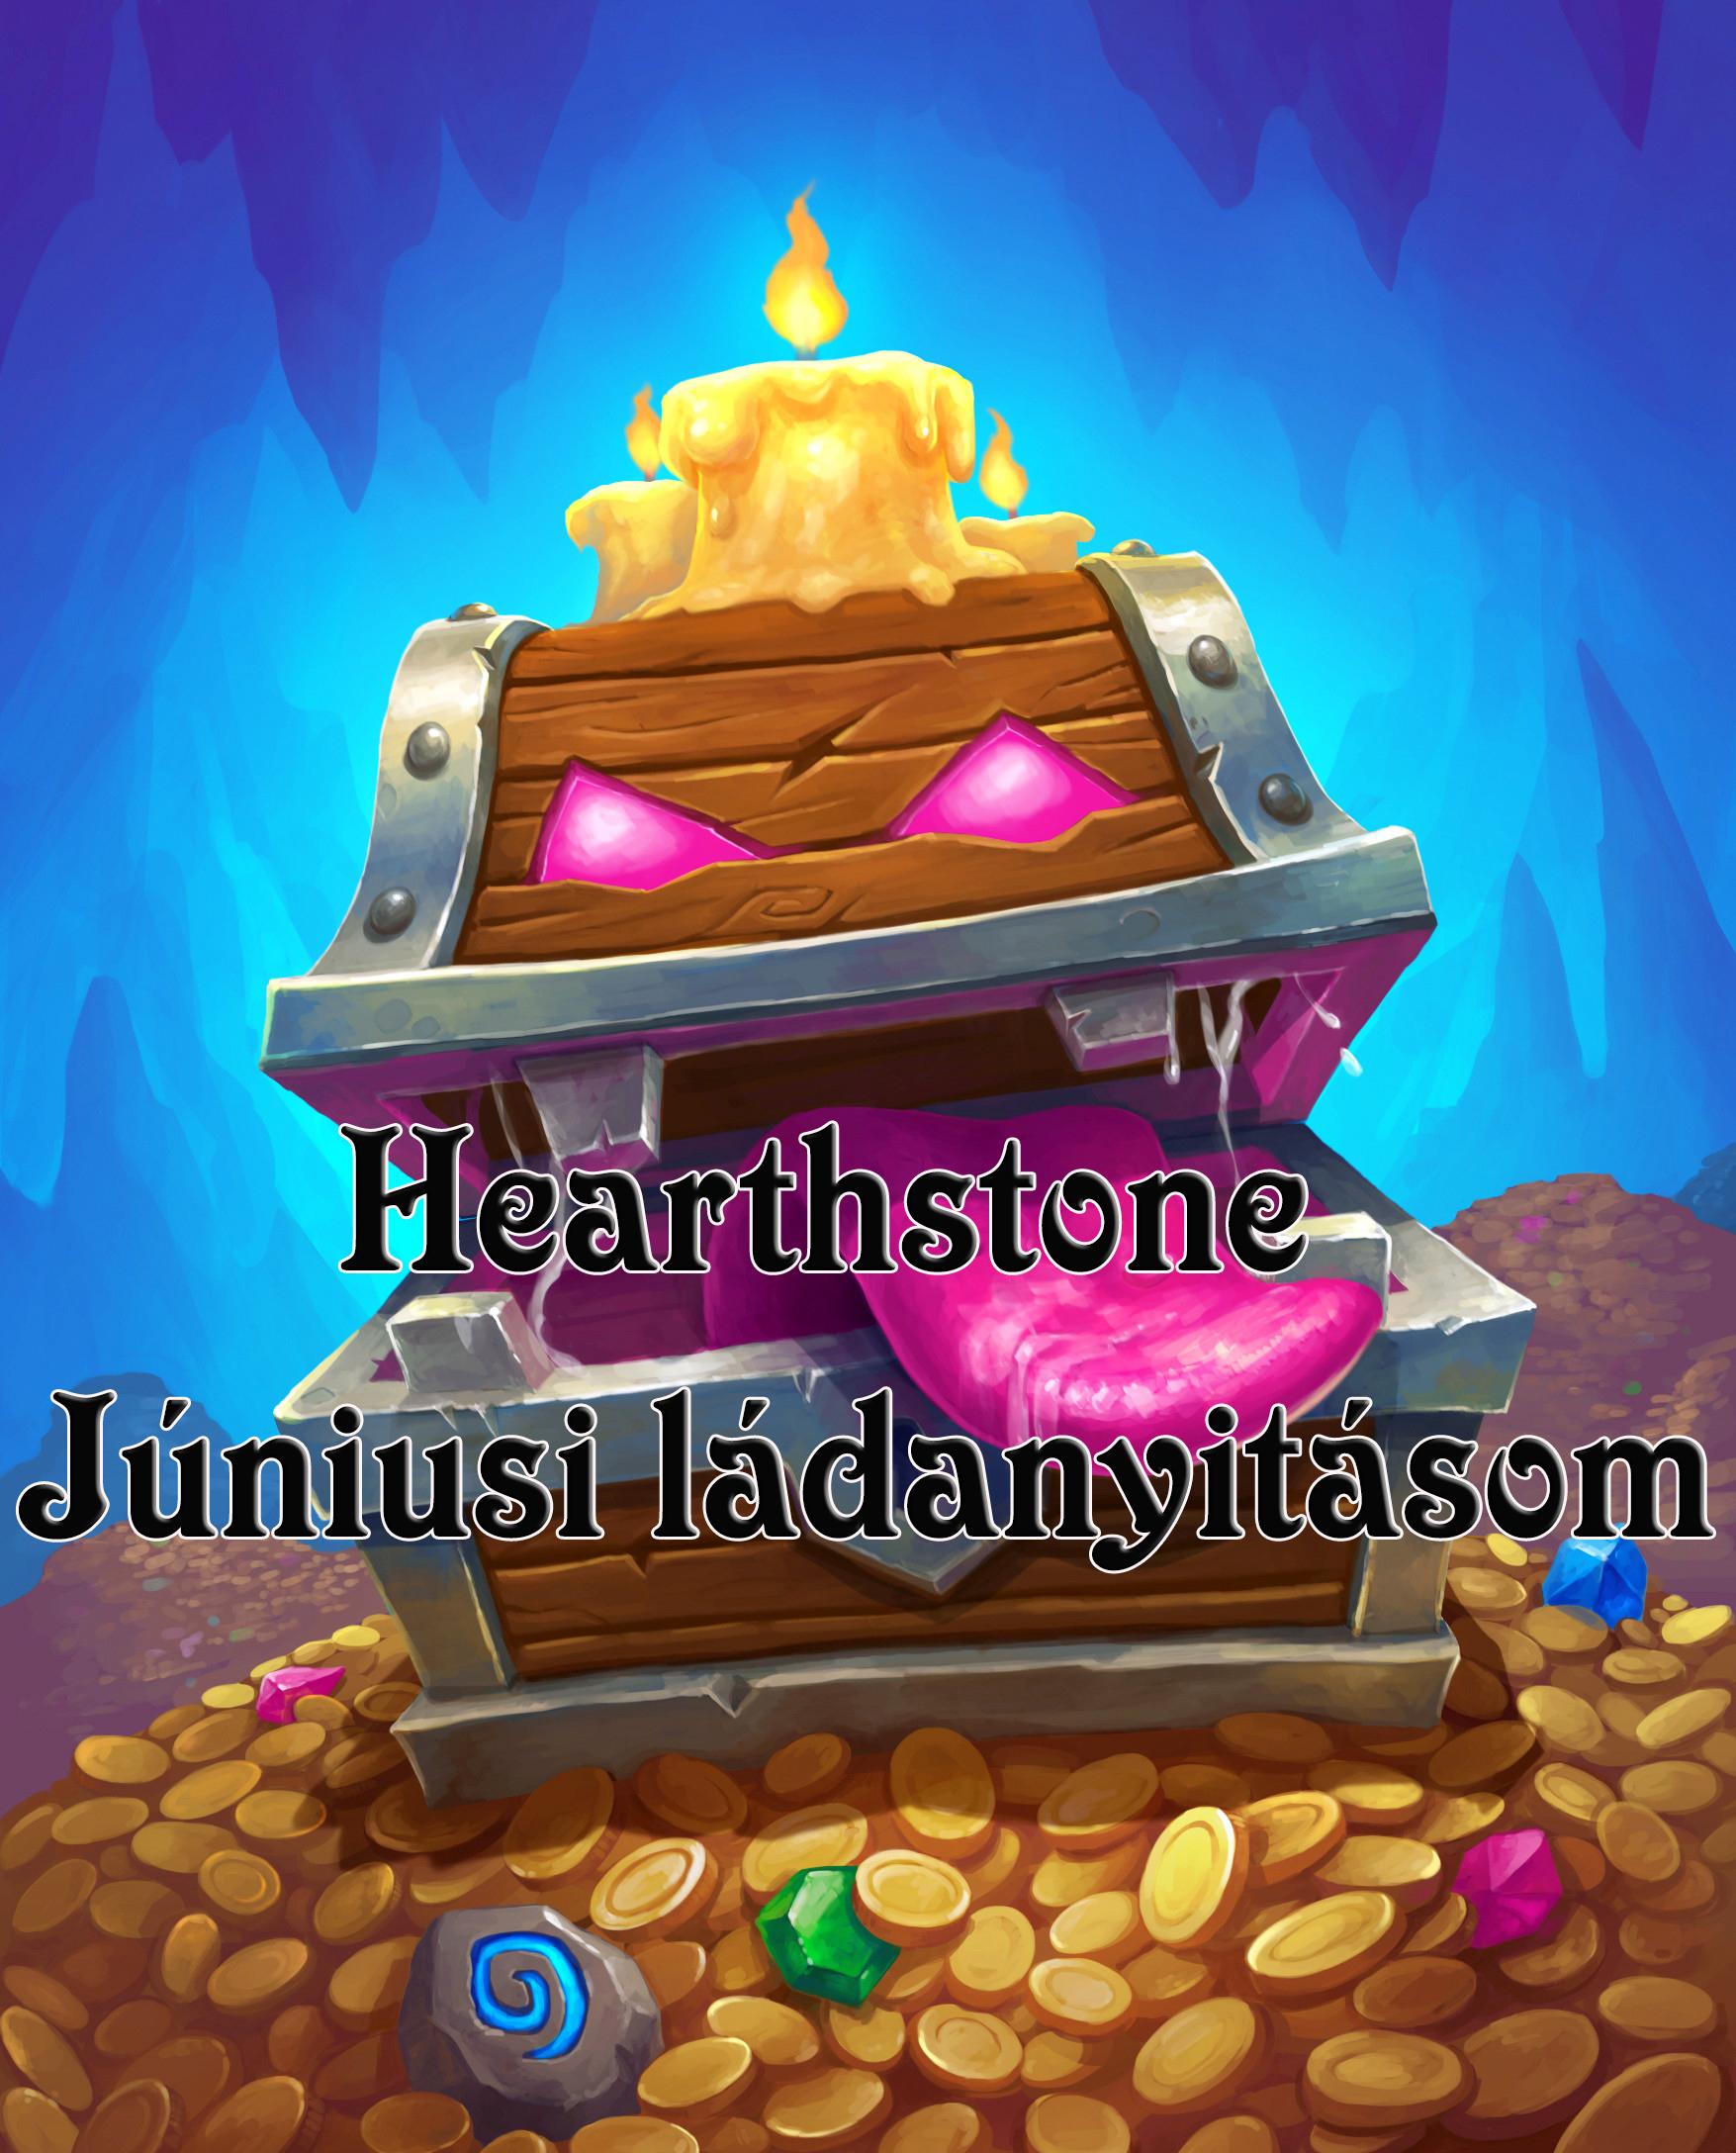 Hearthstone – Júniusi ládanyitásom és tapasztalataim